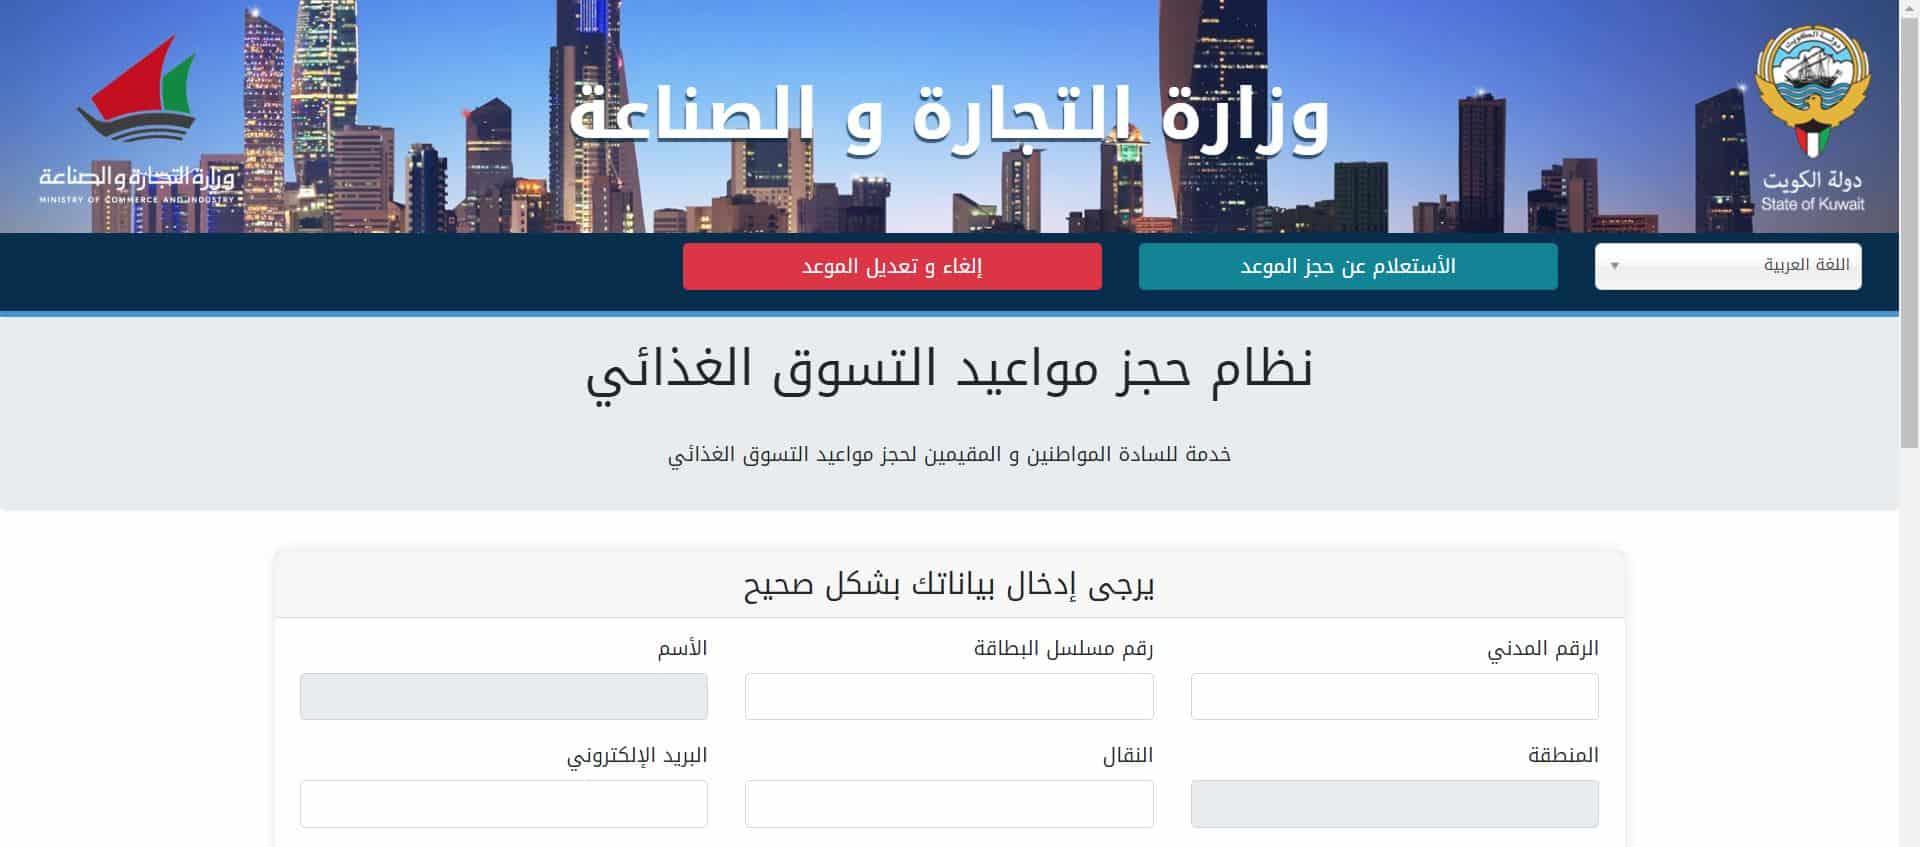 رابط باركود حجز مواعيد الجمعيات الكويت 2021t